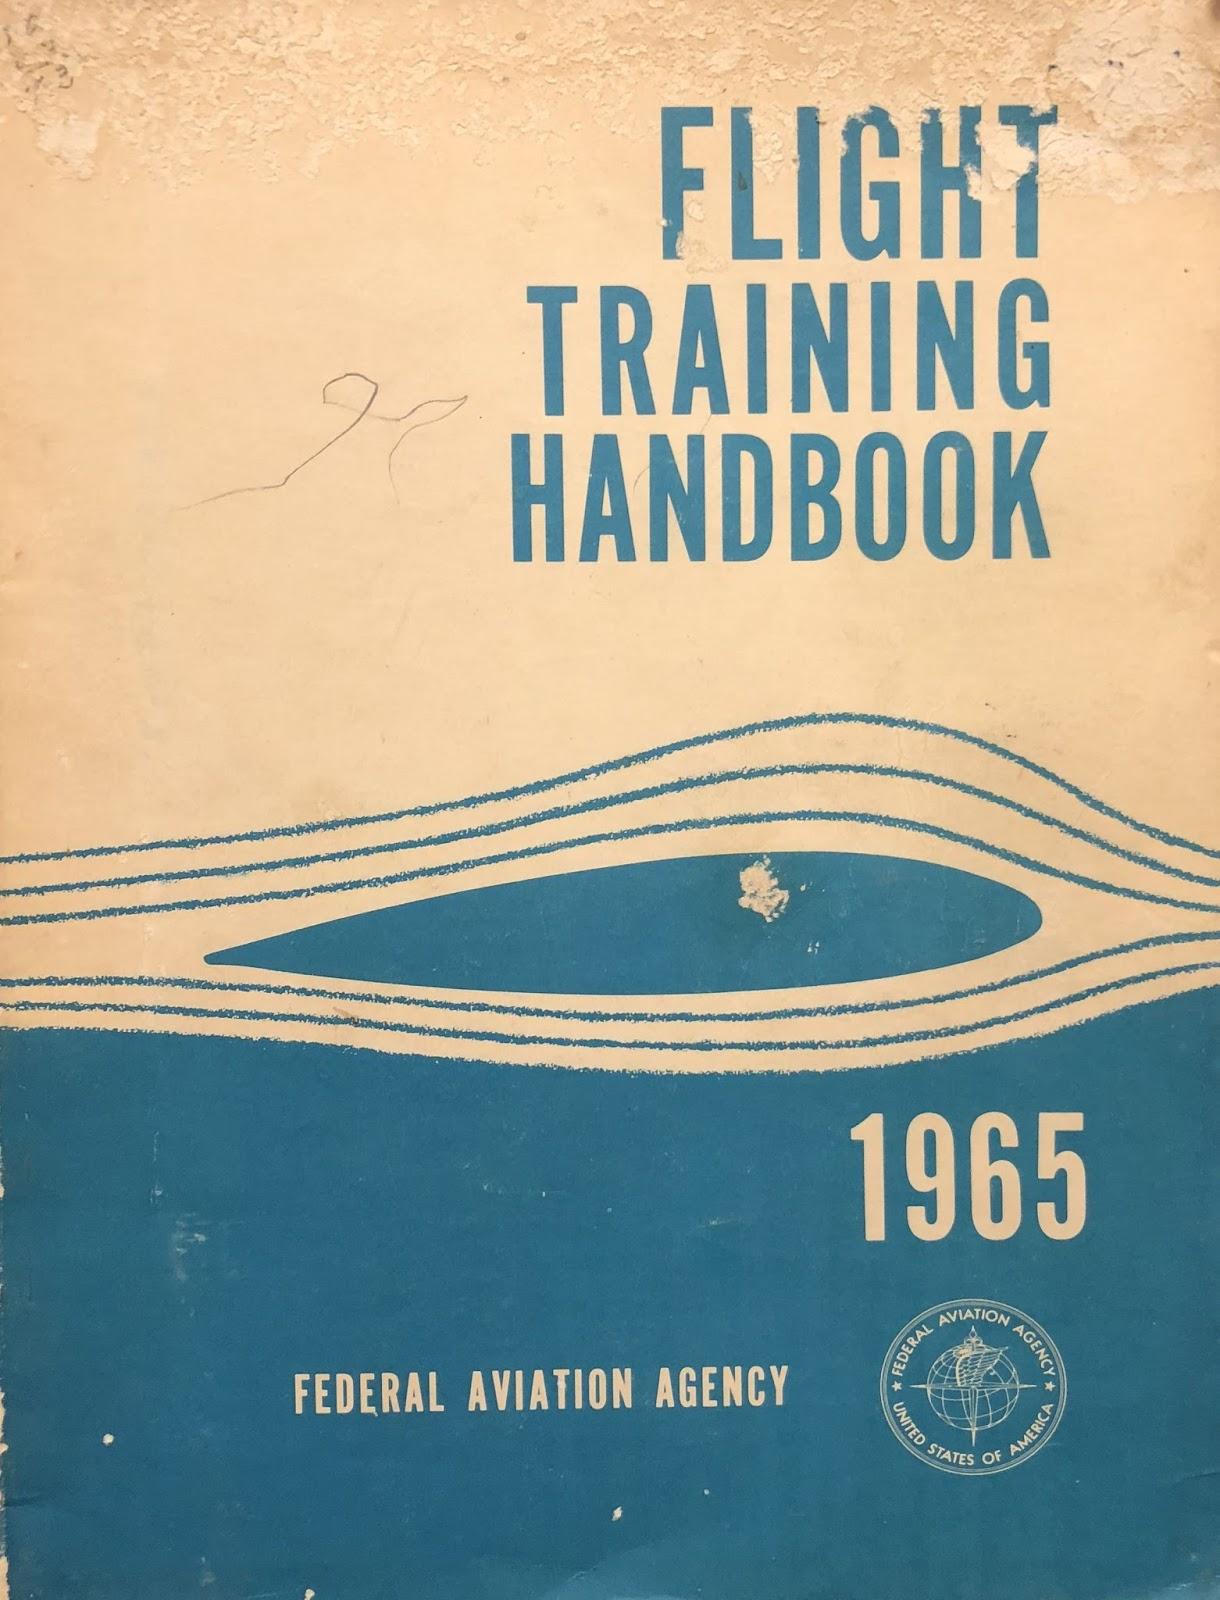 faa flight training handbook